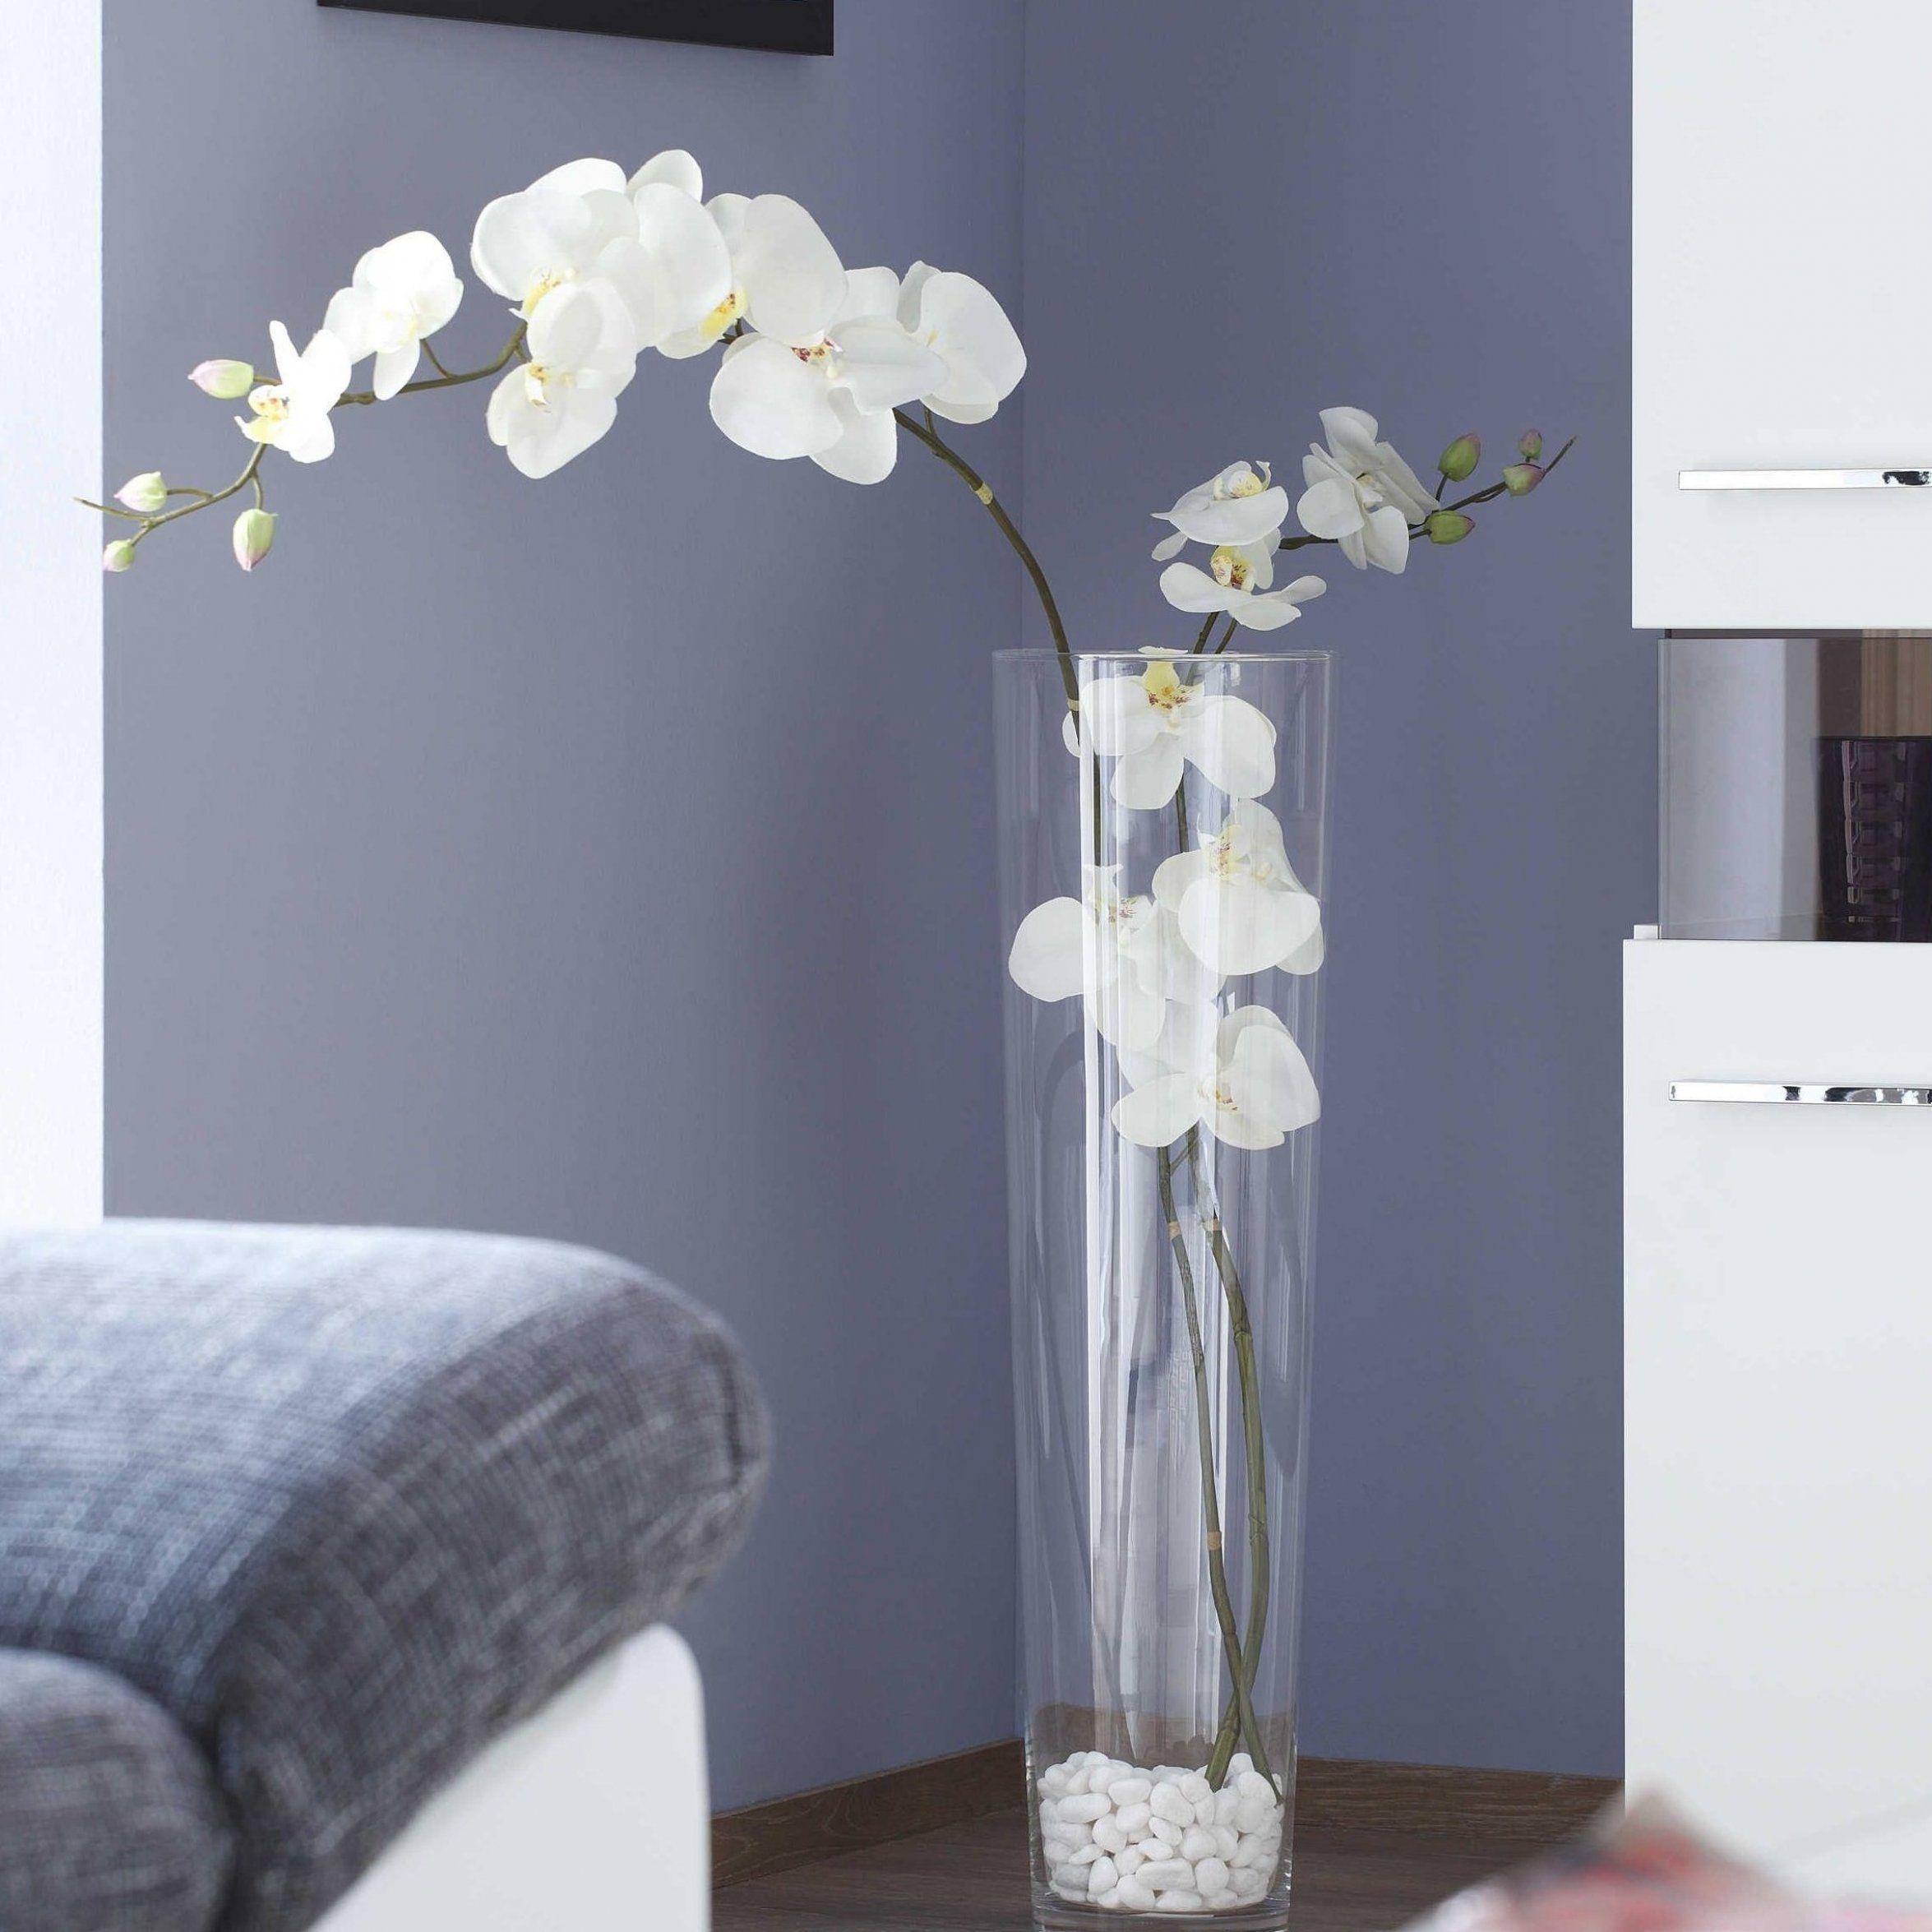 deko vasen f r wohnzimmer #decor #ideas #decorating #ideas  Floor